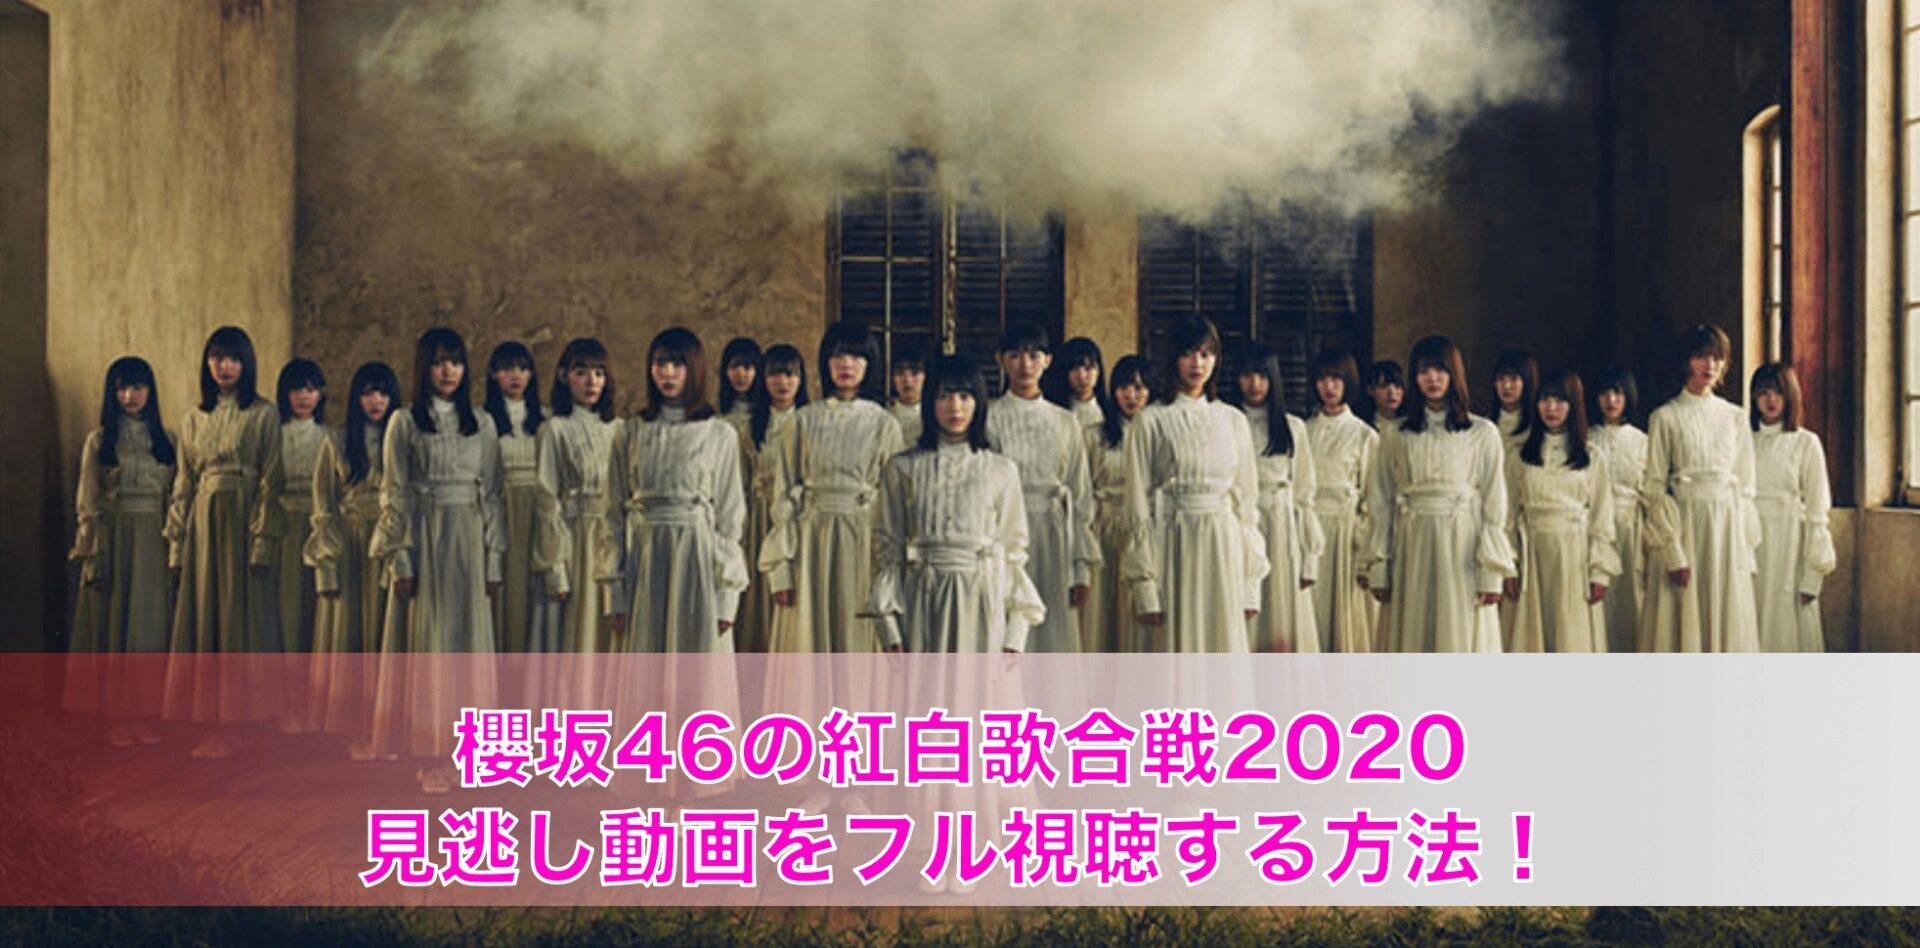 櫻坂46の紅白歌合戦2020見逃し動画をフル視聴する方法!